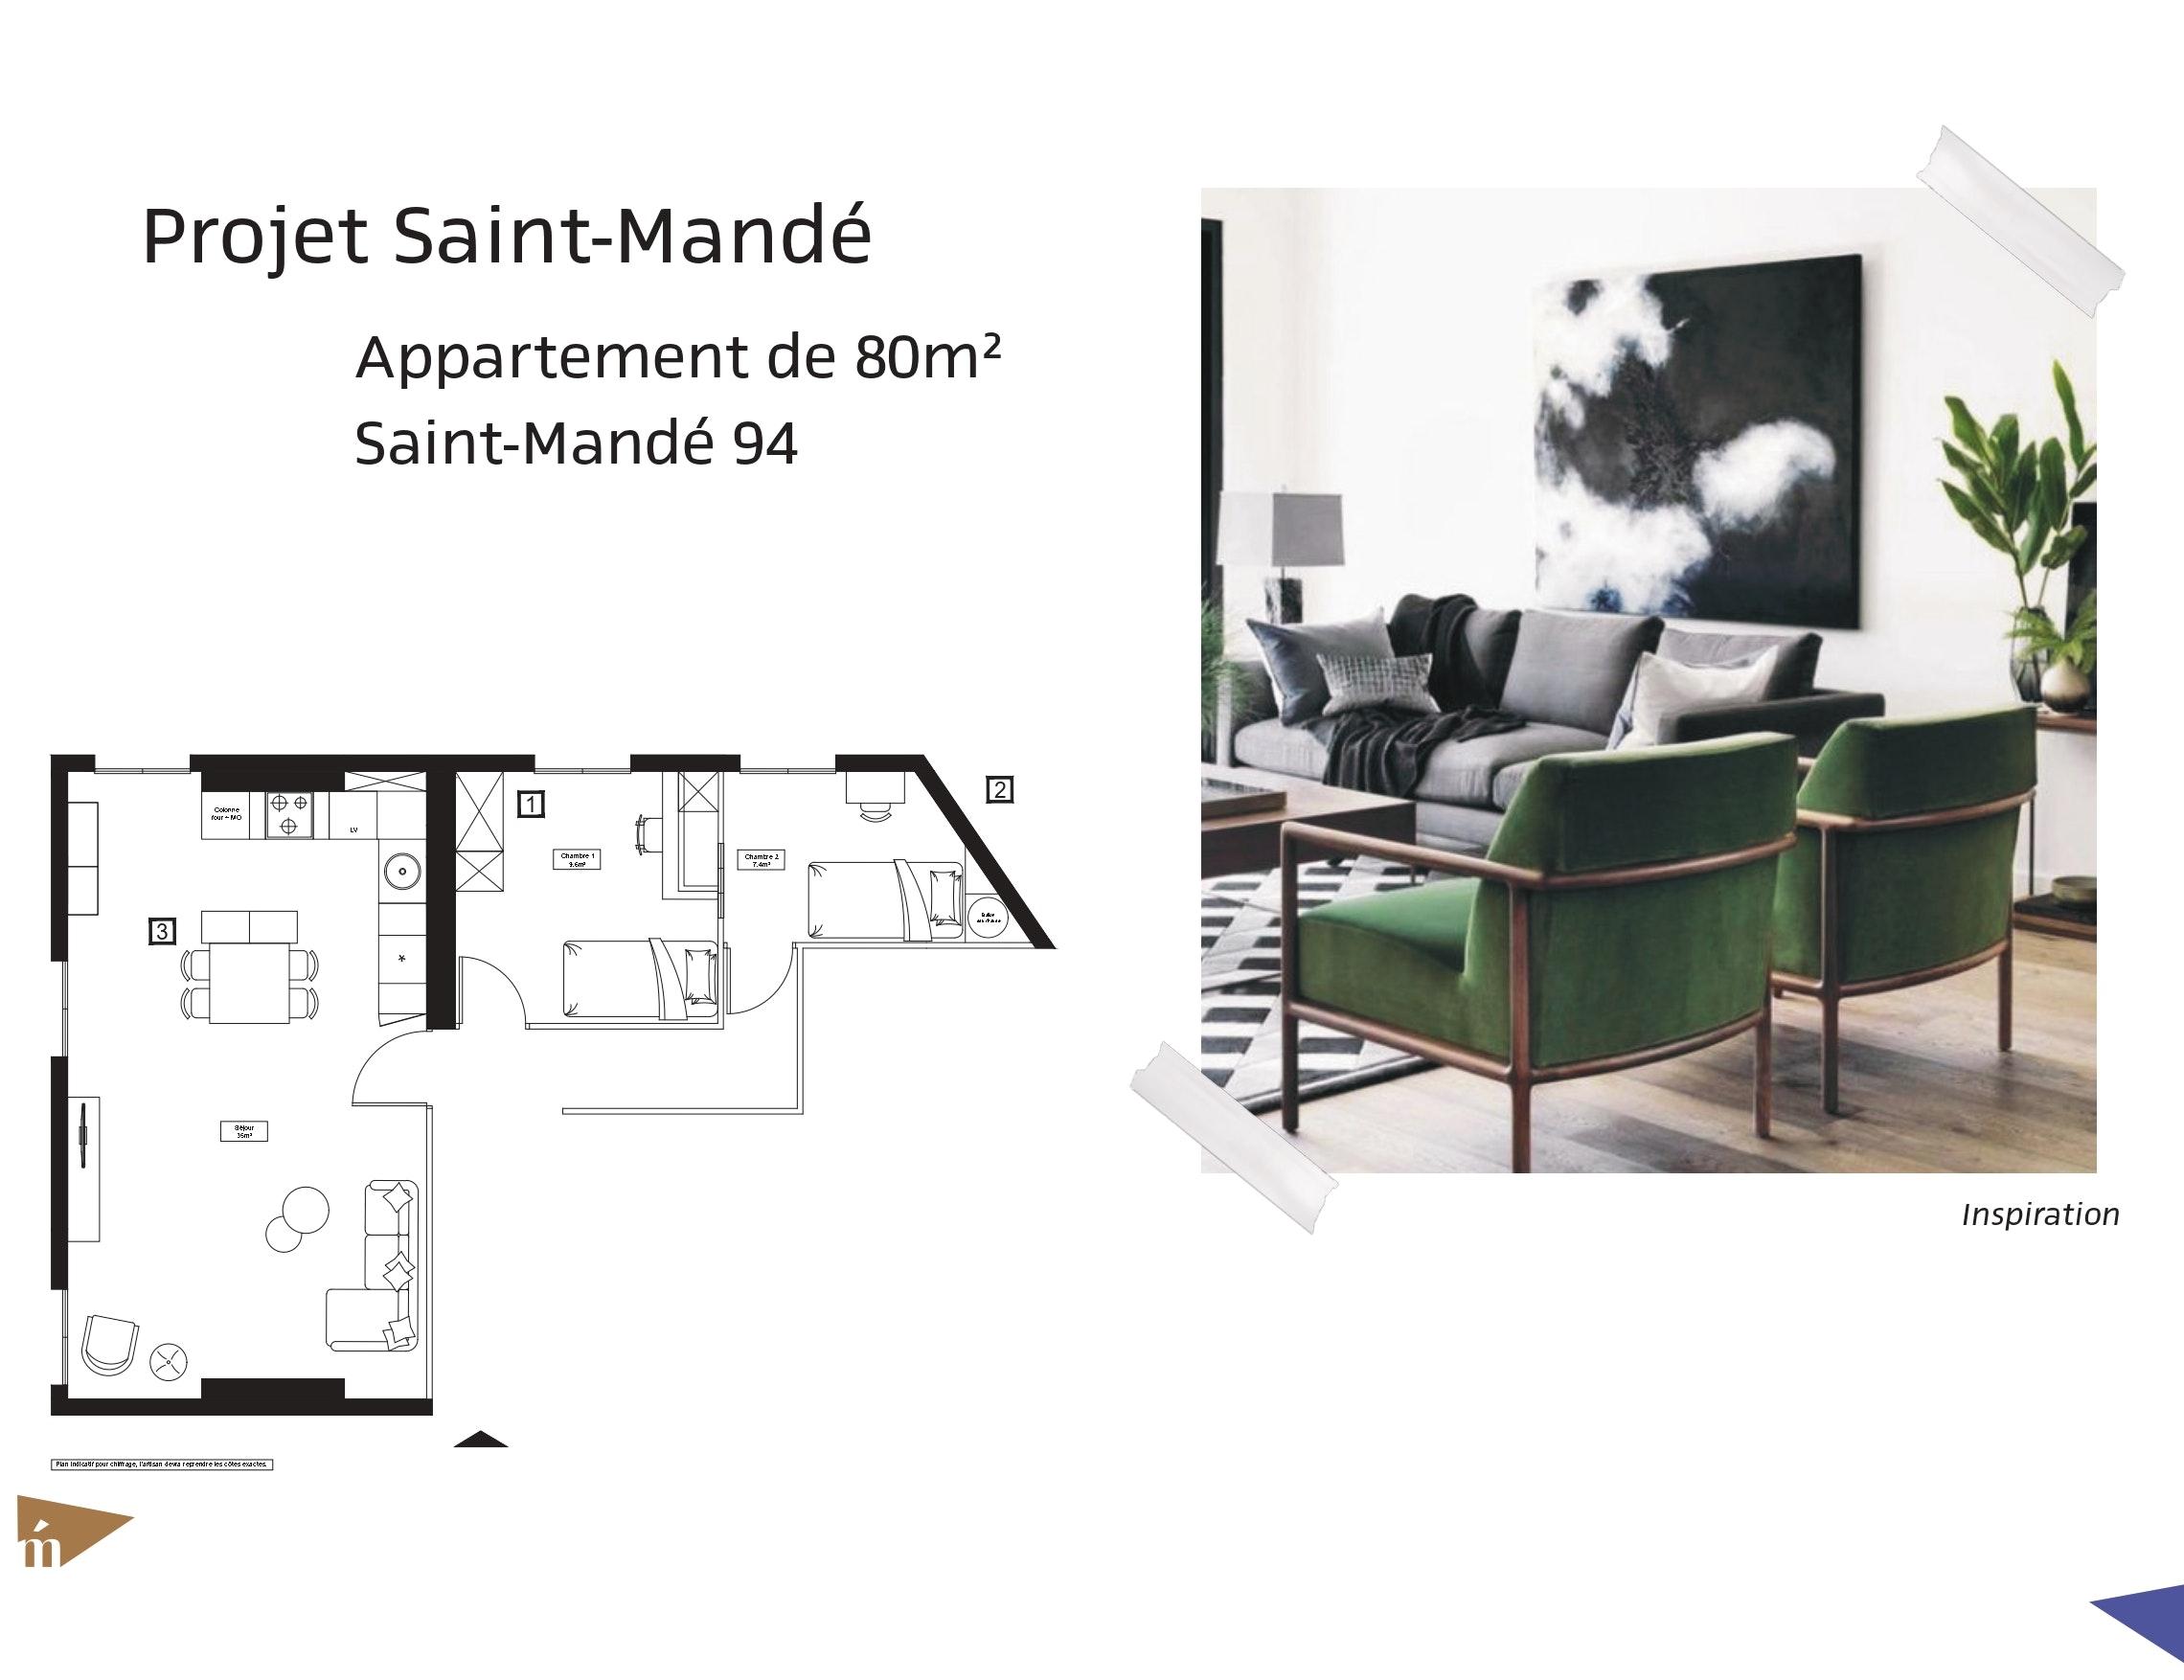 photo Projet Saint-Mandé - Appartement 80 m² - Saint-Mandé Léa Mast - Architecte hemea